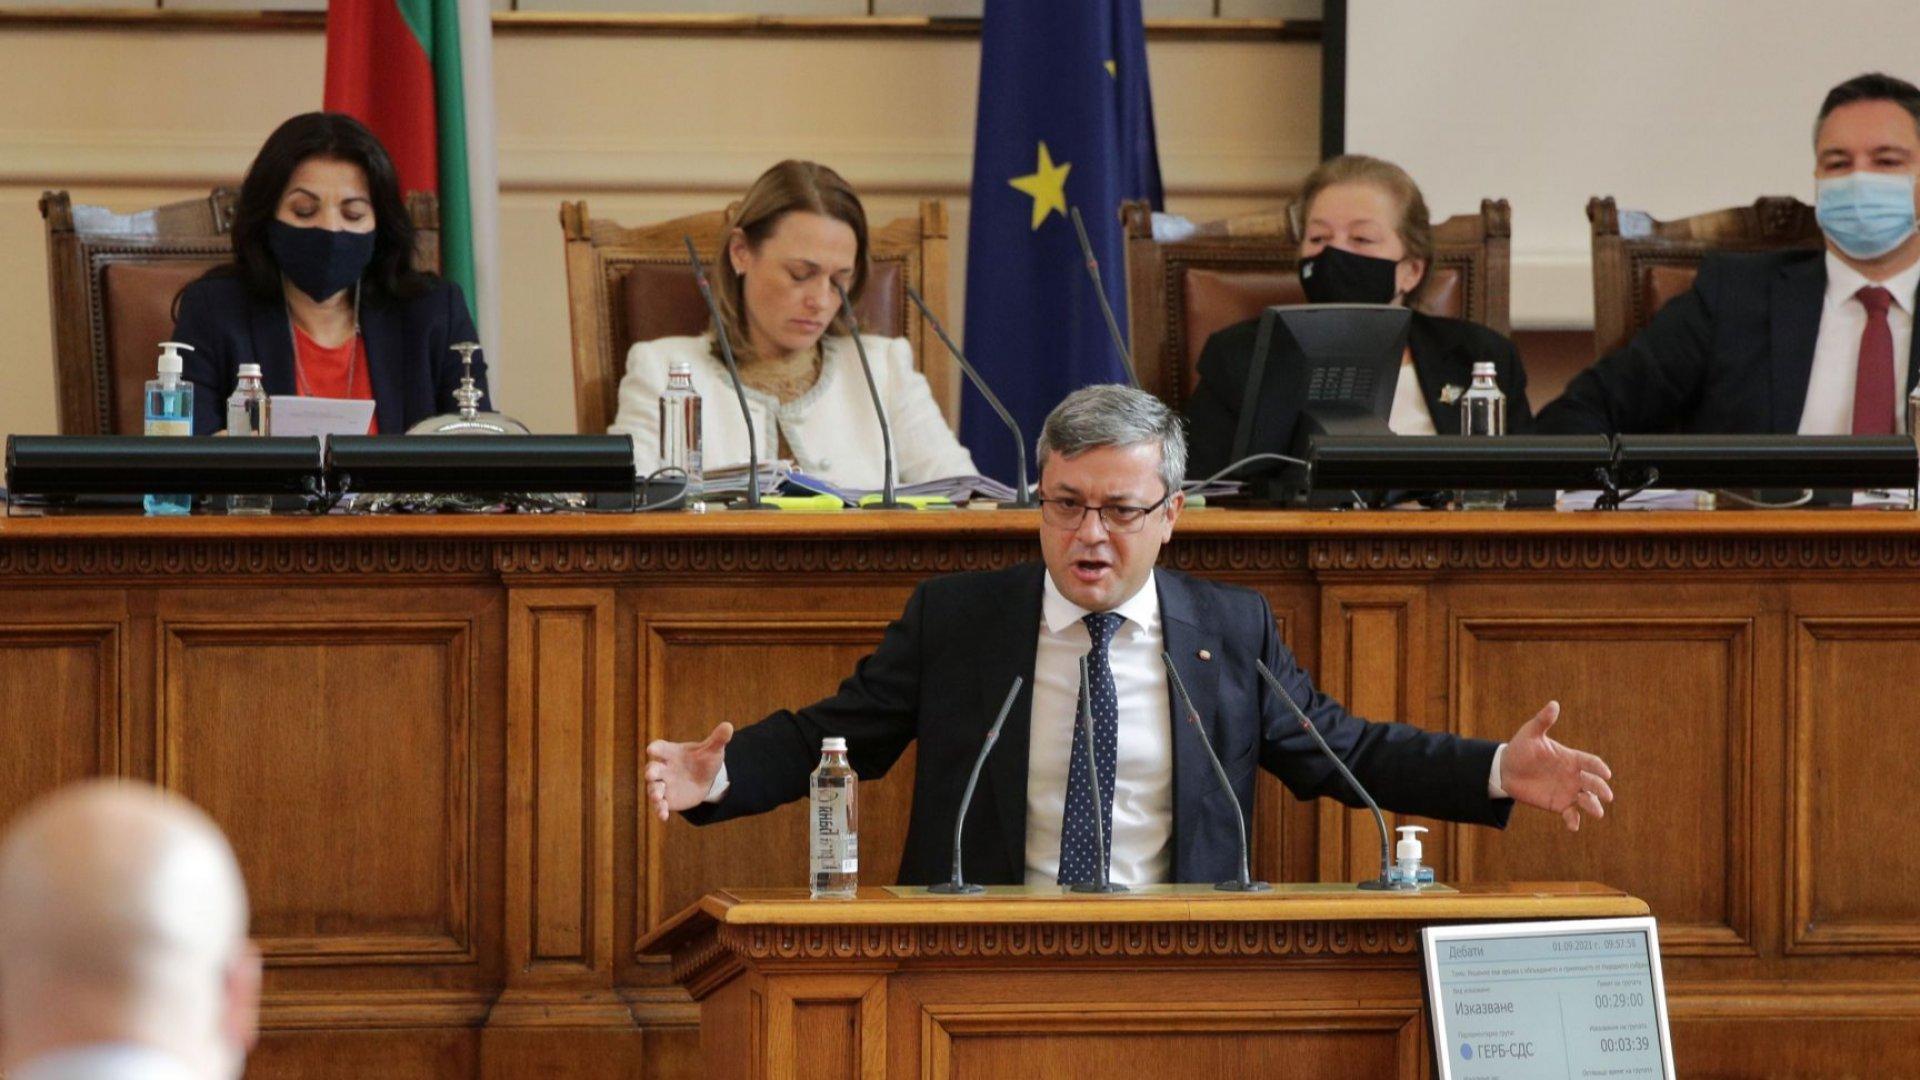 ГЕРБ в защита на БСП в пленарната зала, Нинова определи Борисов за най-сериозния си опонент